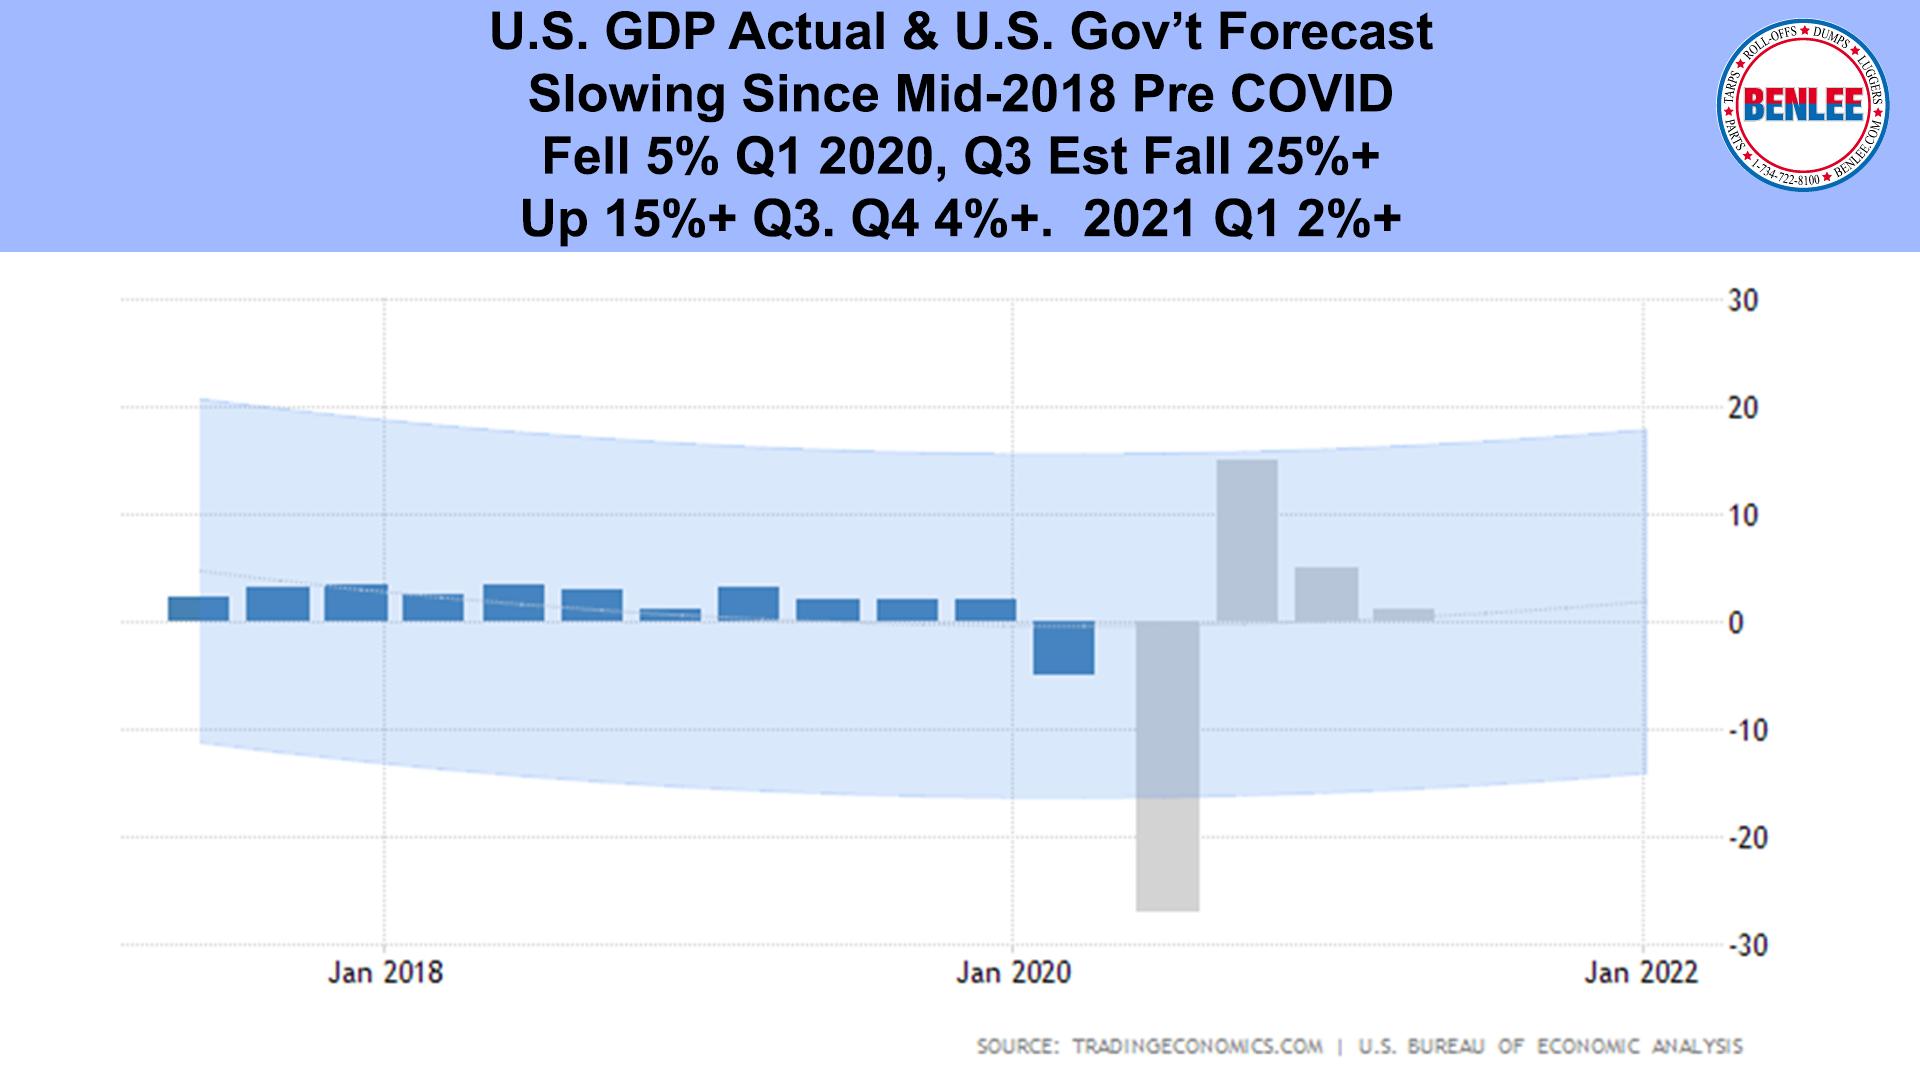 U.S. GDP Actual & U.S. Gov't Forecast